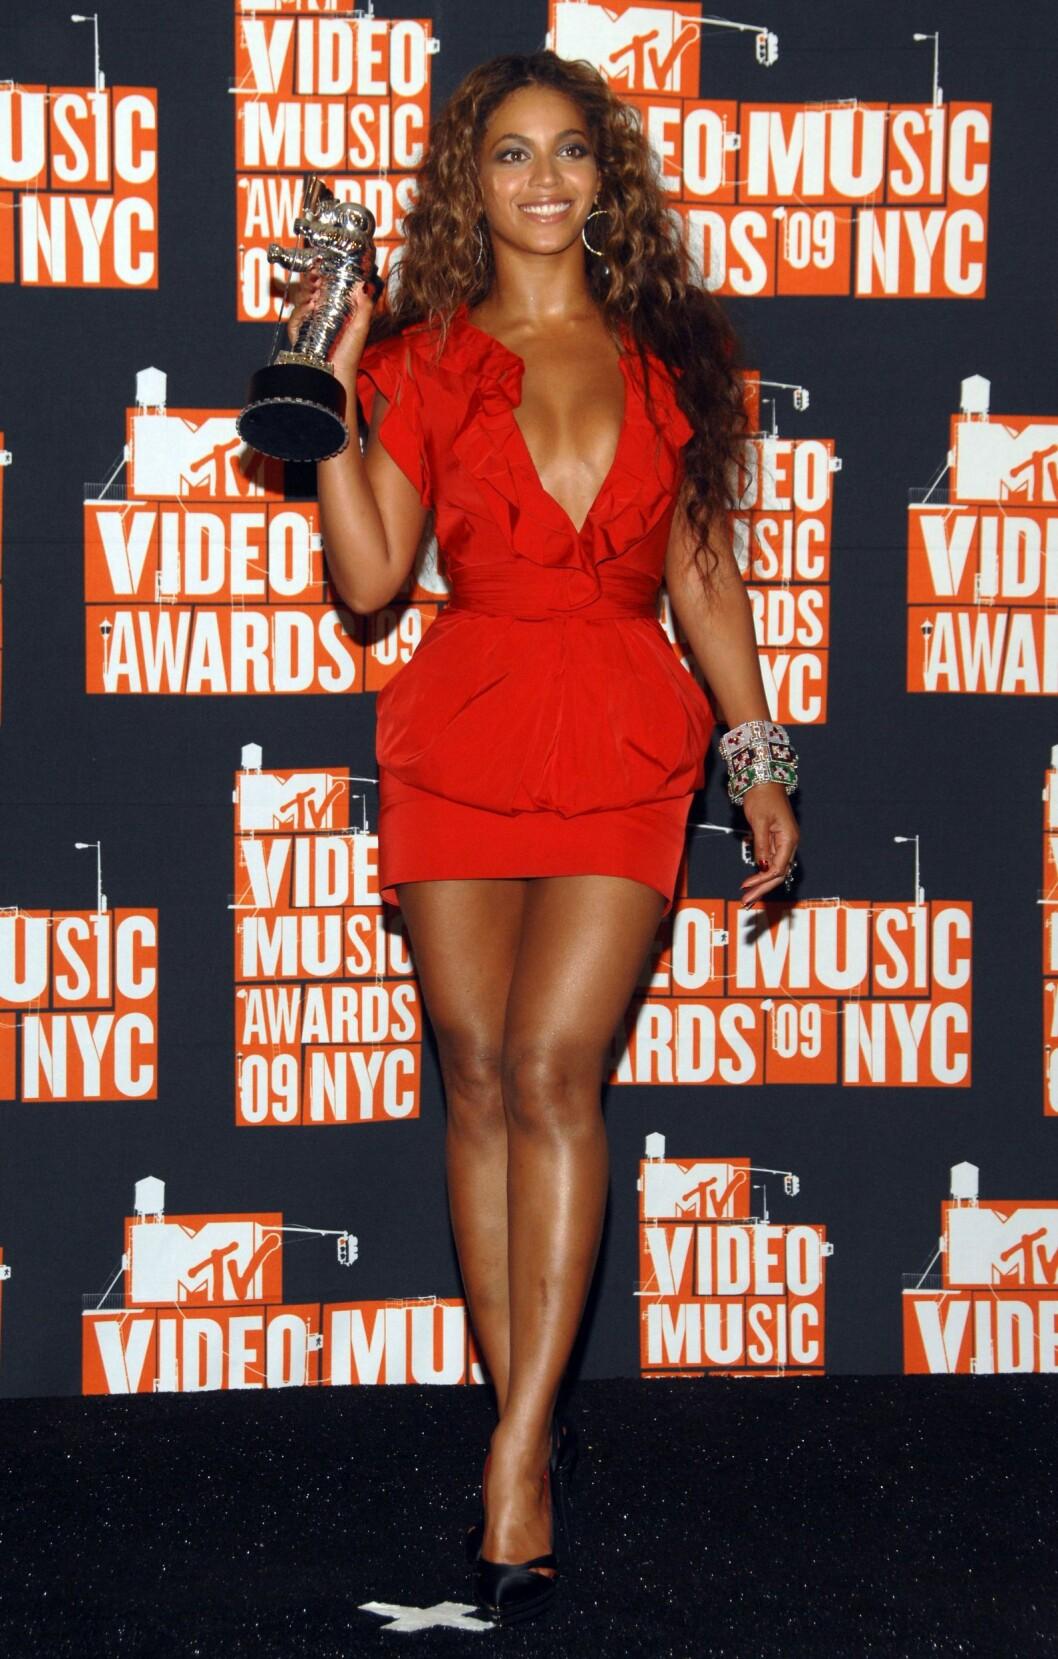 MTV Video Music Awards Press Room